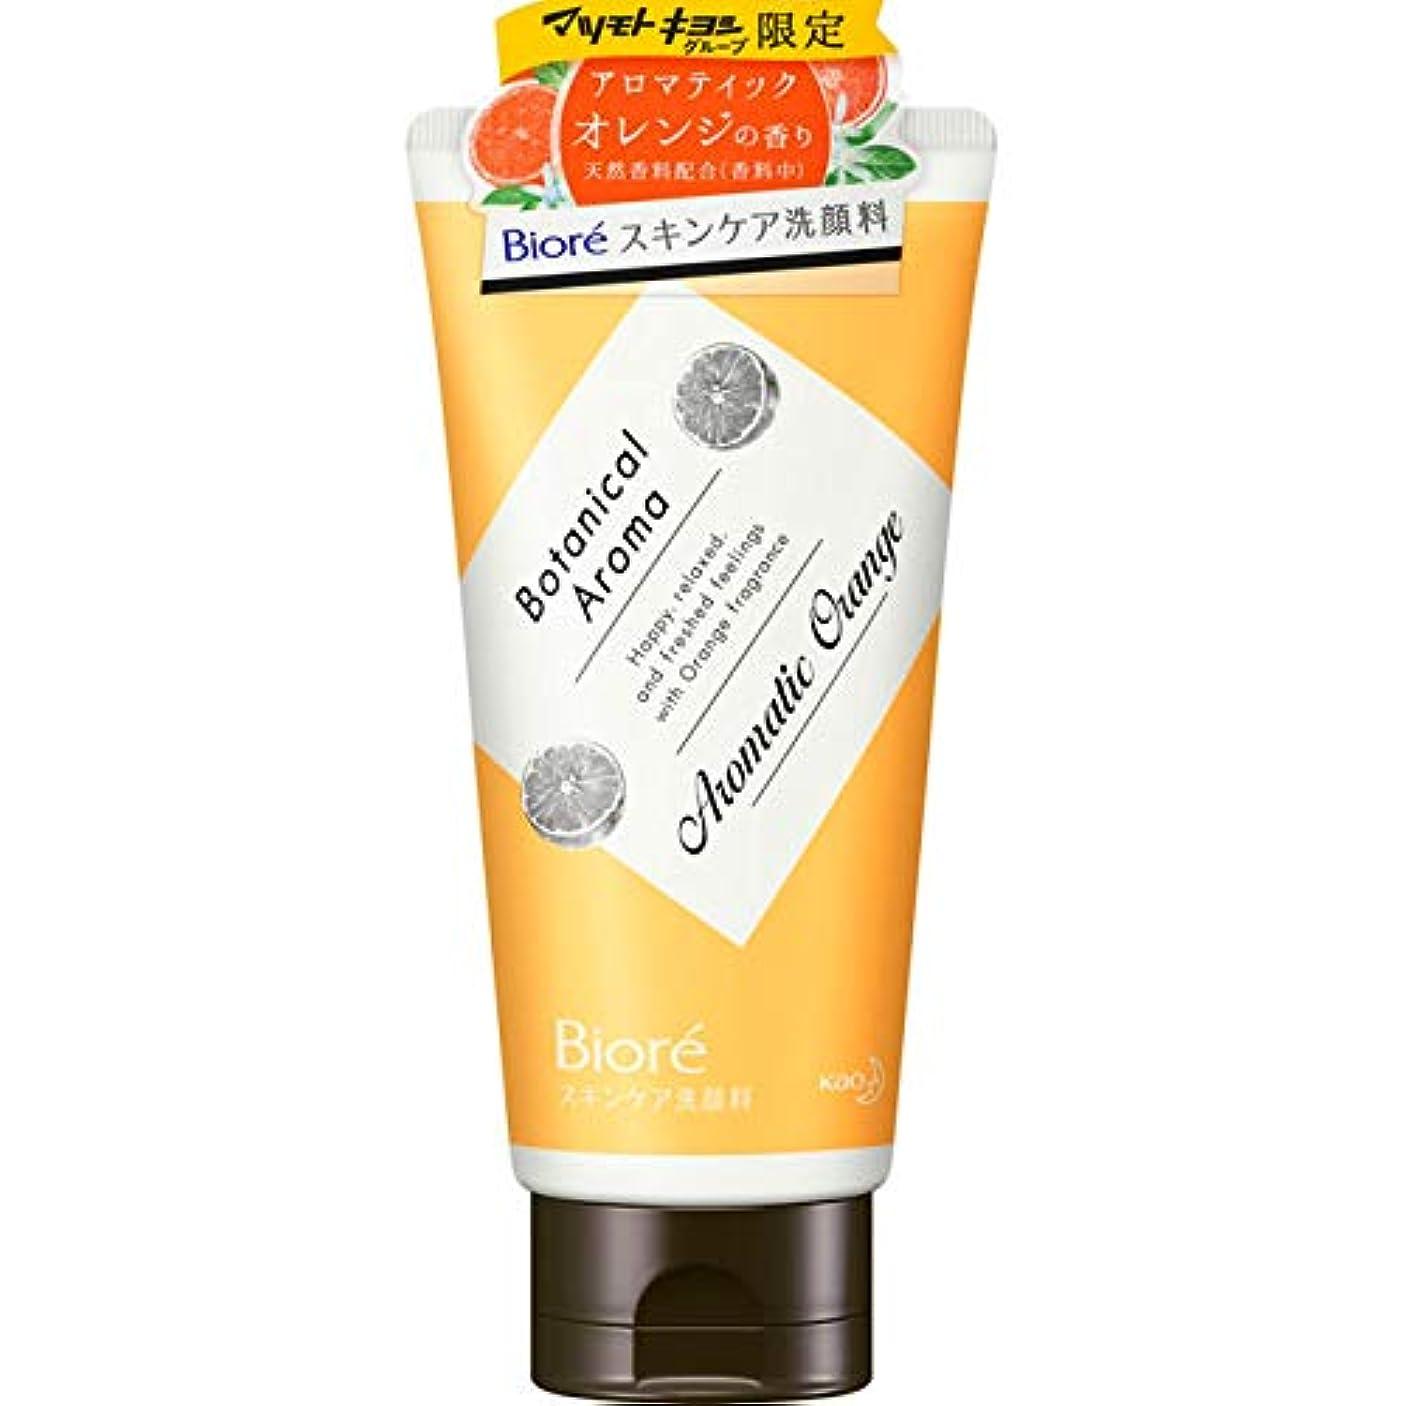 メタルライン不安定仕えるビオレ スキンケア洗顔料 アロマティックオレンジの香り 130G